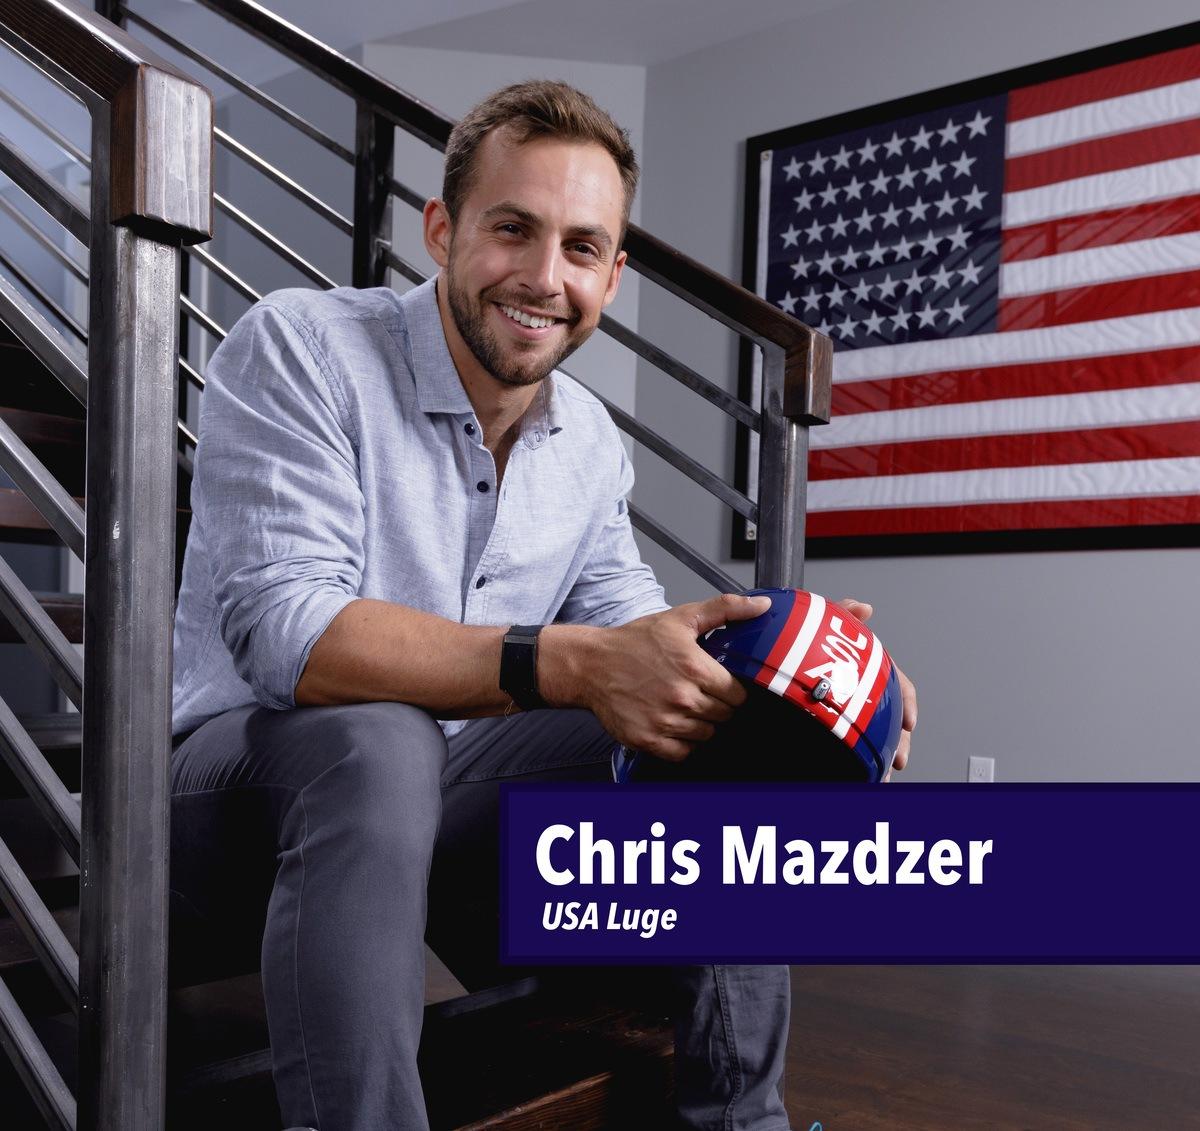 Chris Mazdzer